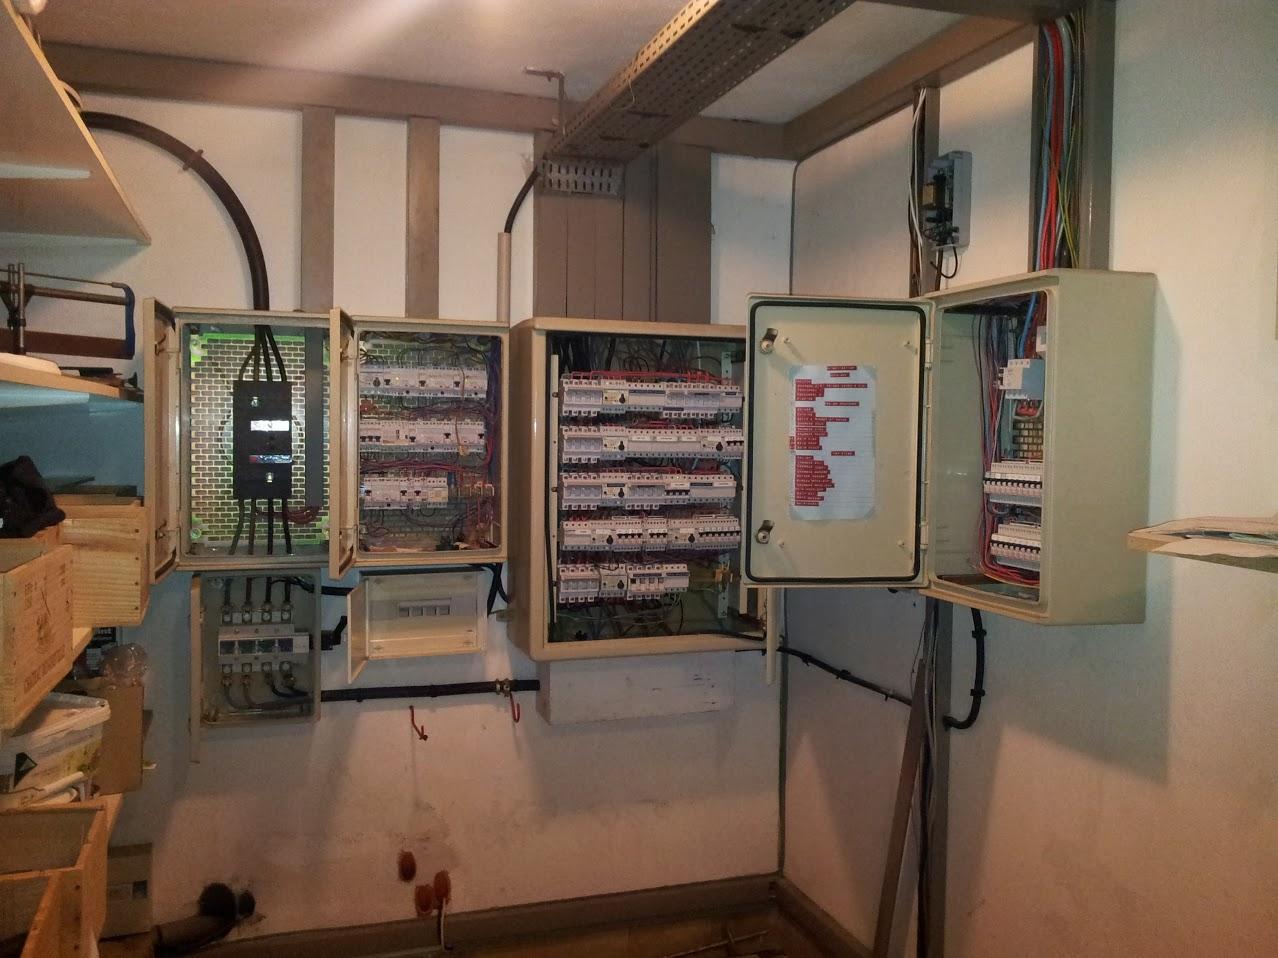 electricité, quand tout est bon à refaire Villa%20St%20michel%20-%20Vue%20d'ensemble